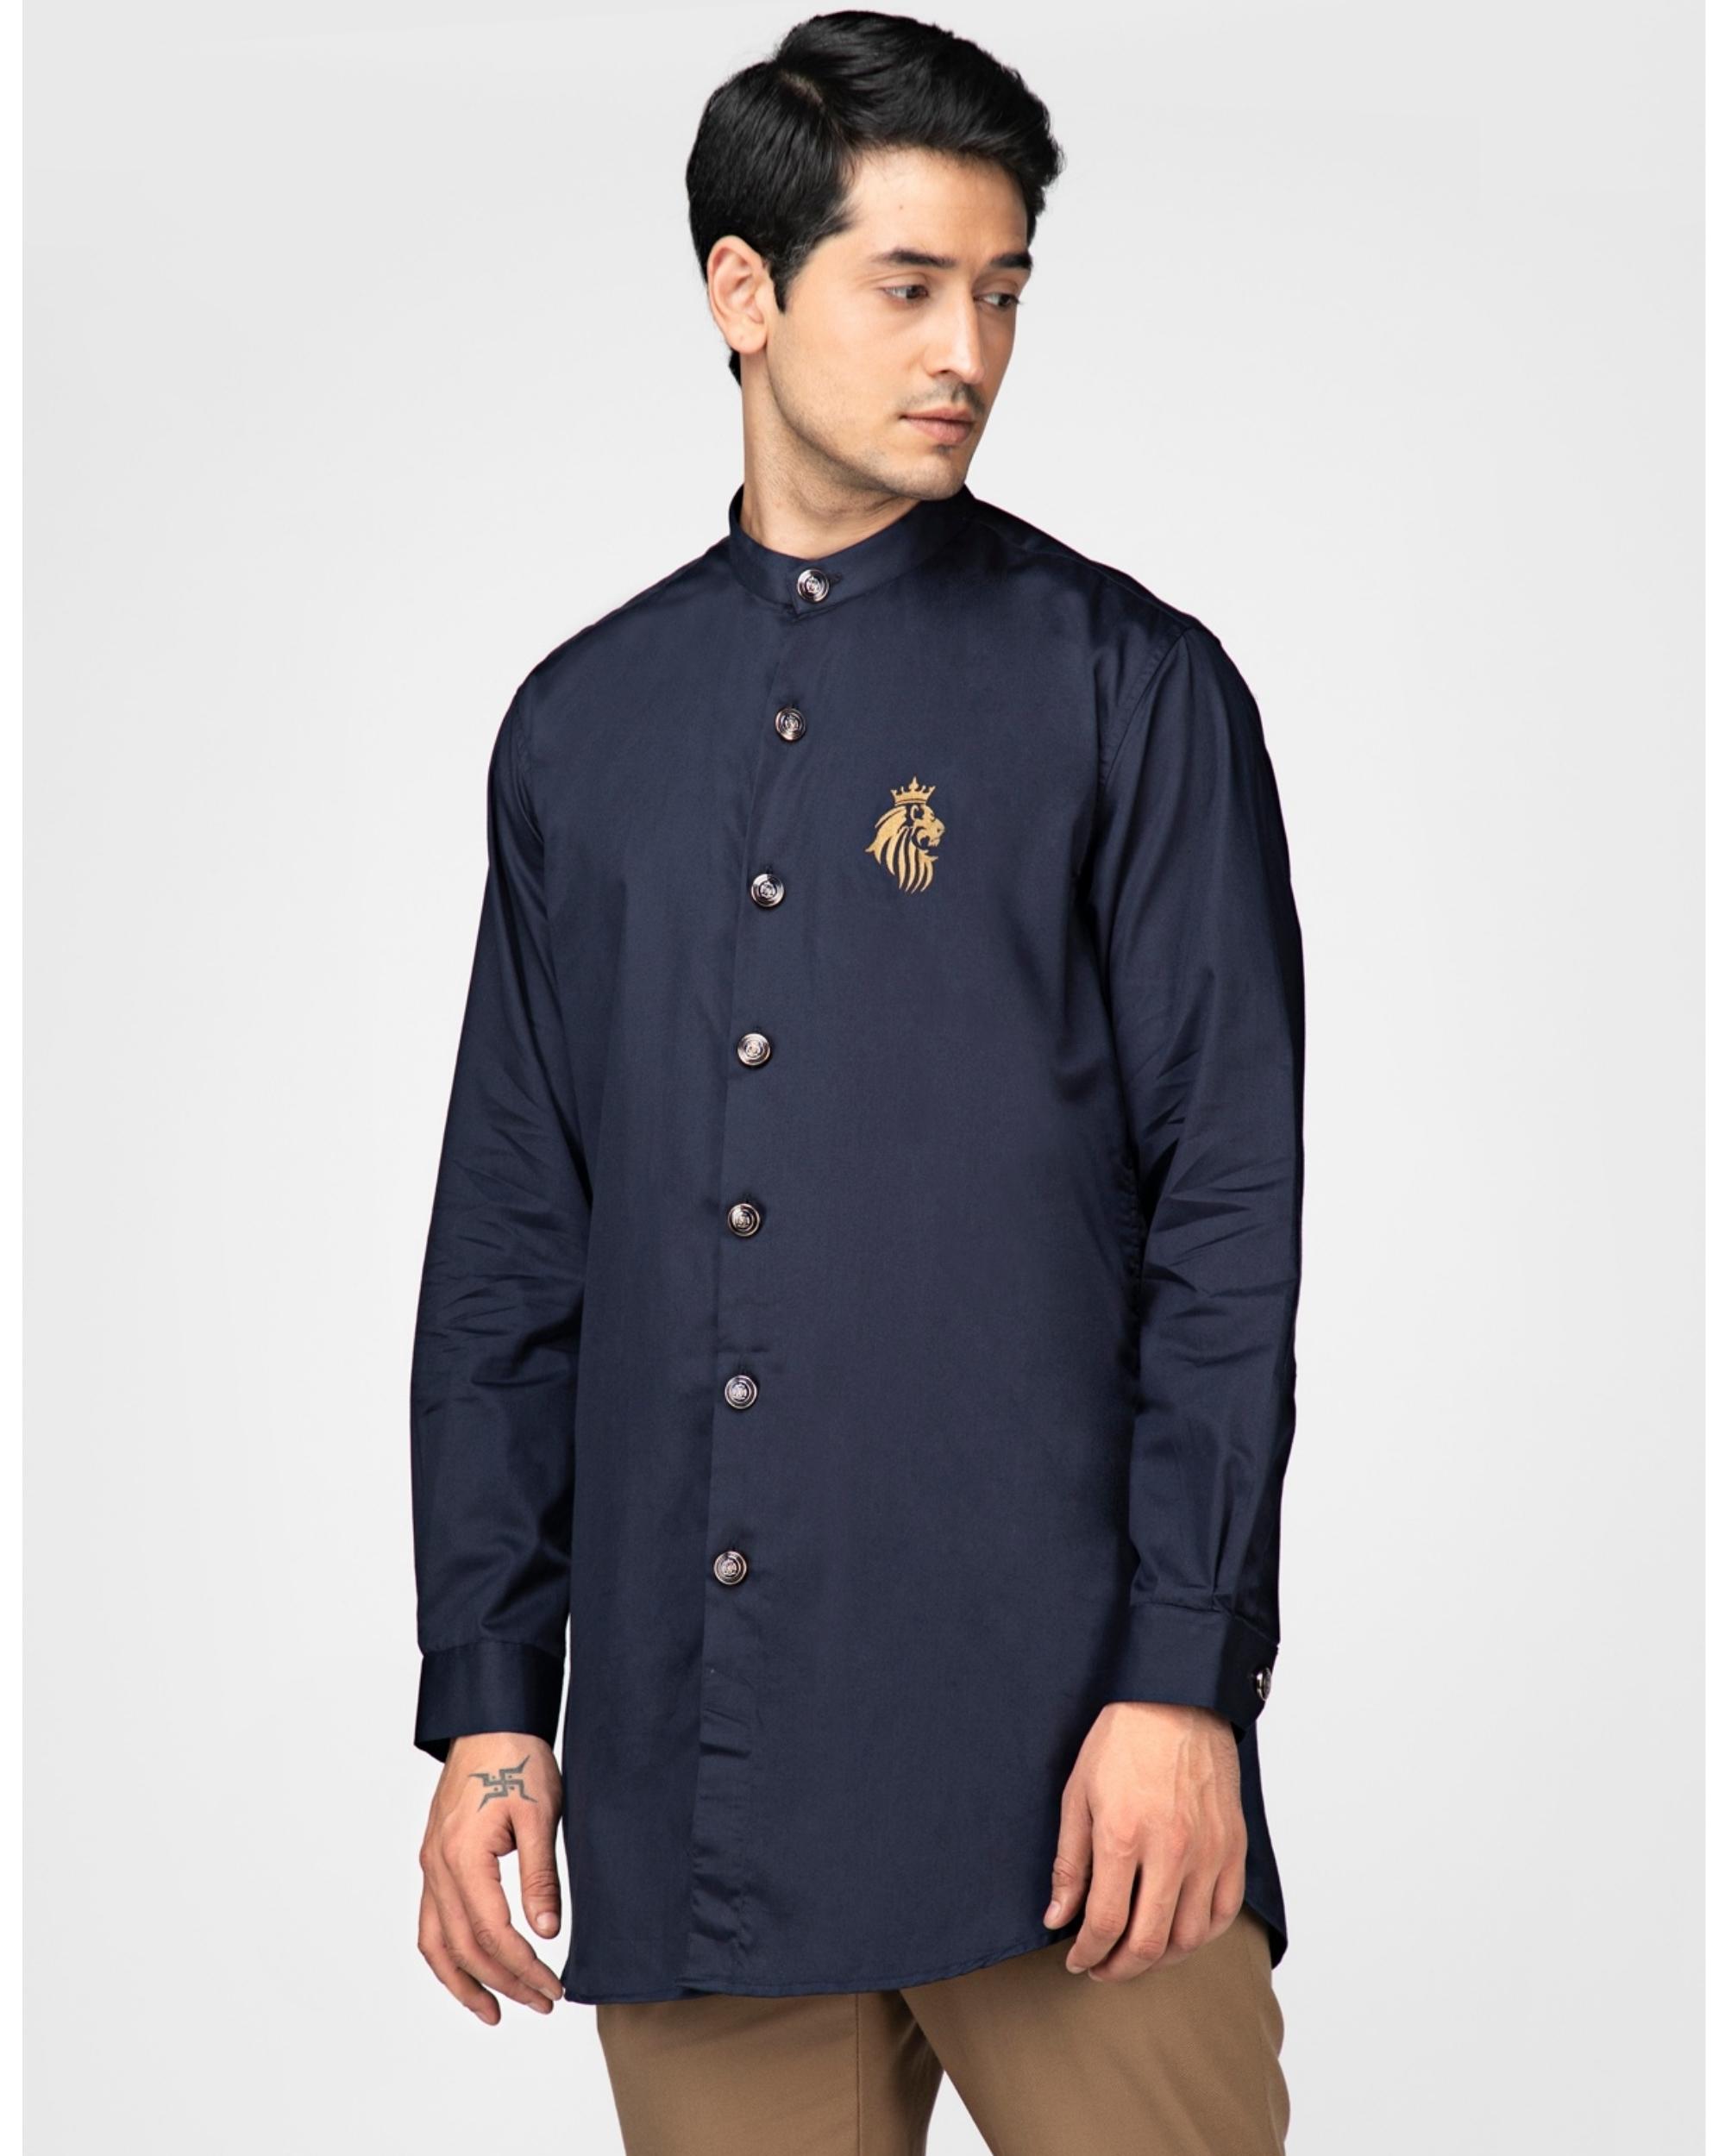 Navy blue cotton satin leo kurta